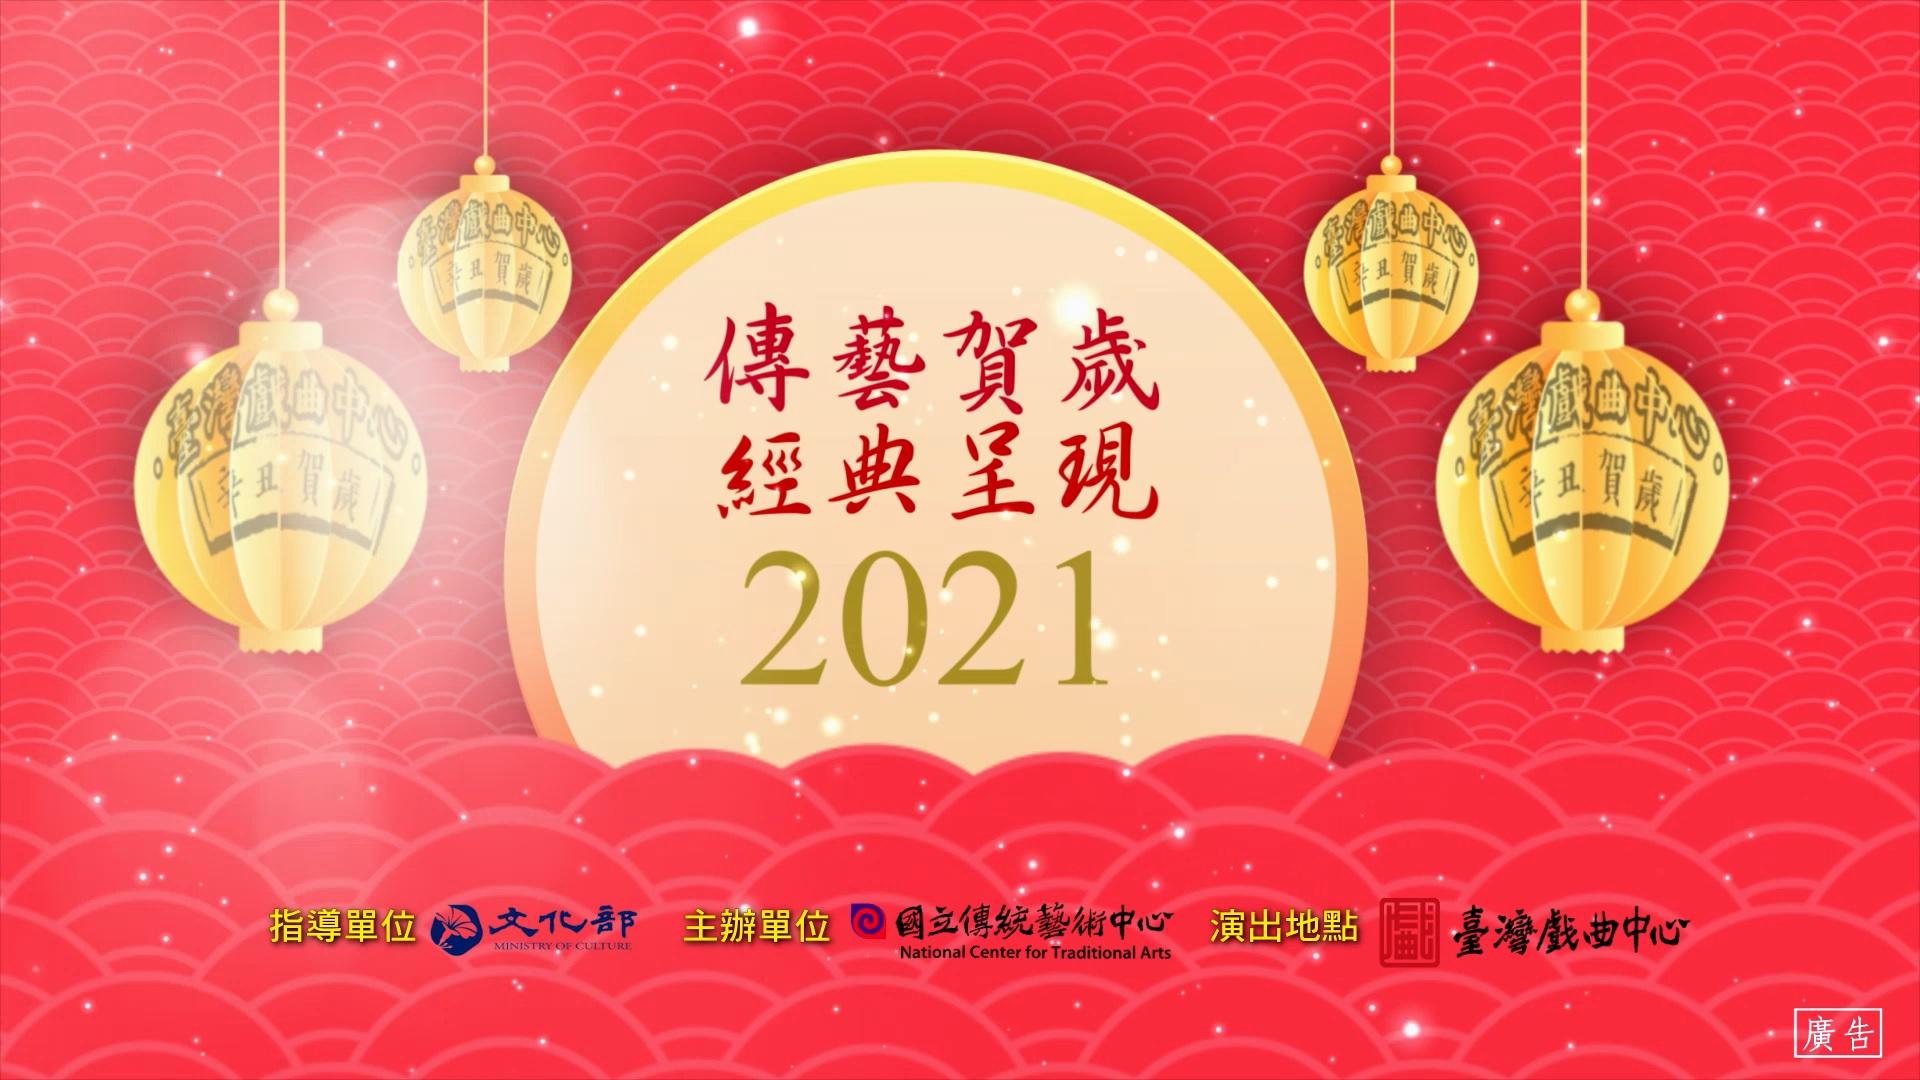 2021賀歲系列-看好戲‧過好年